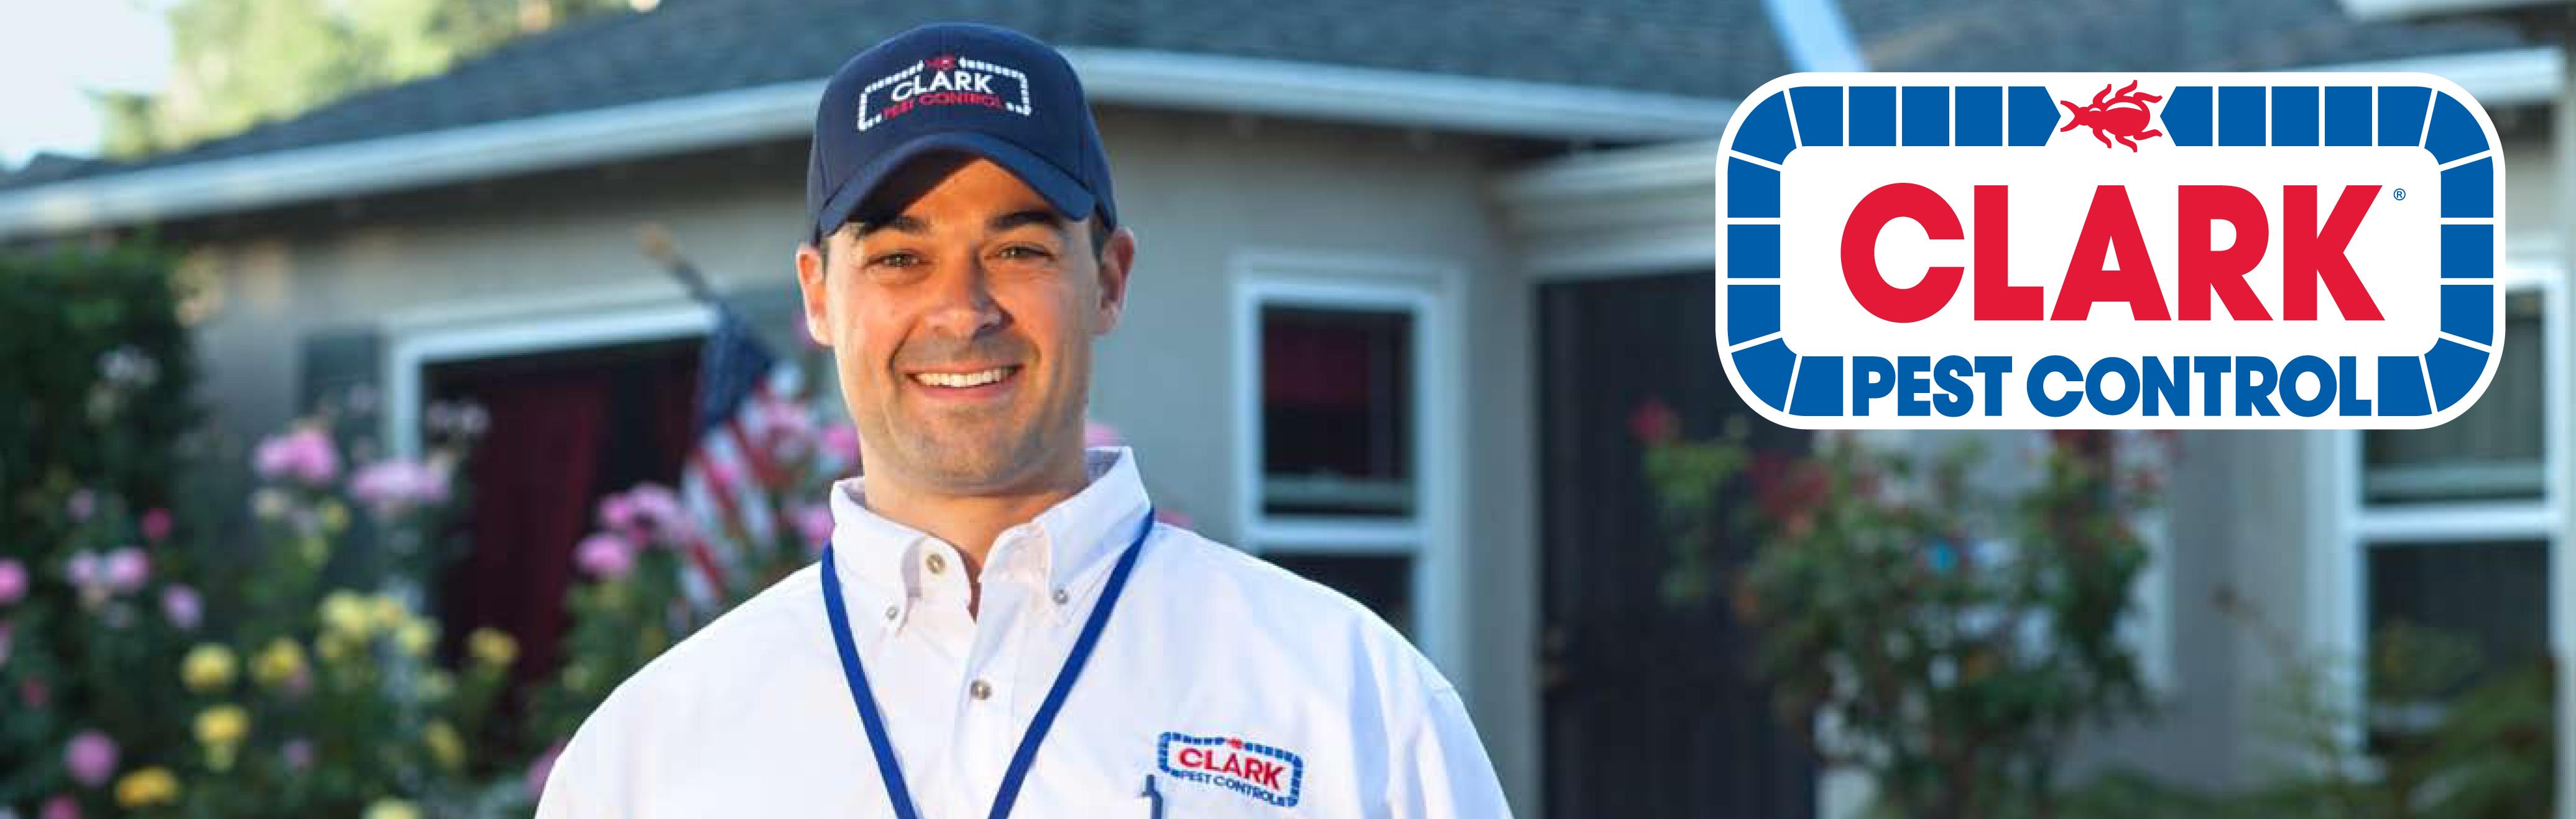 Clark Pest Control reviews | Home & Garden at 1288 Garden Highway - Yuba City CA